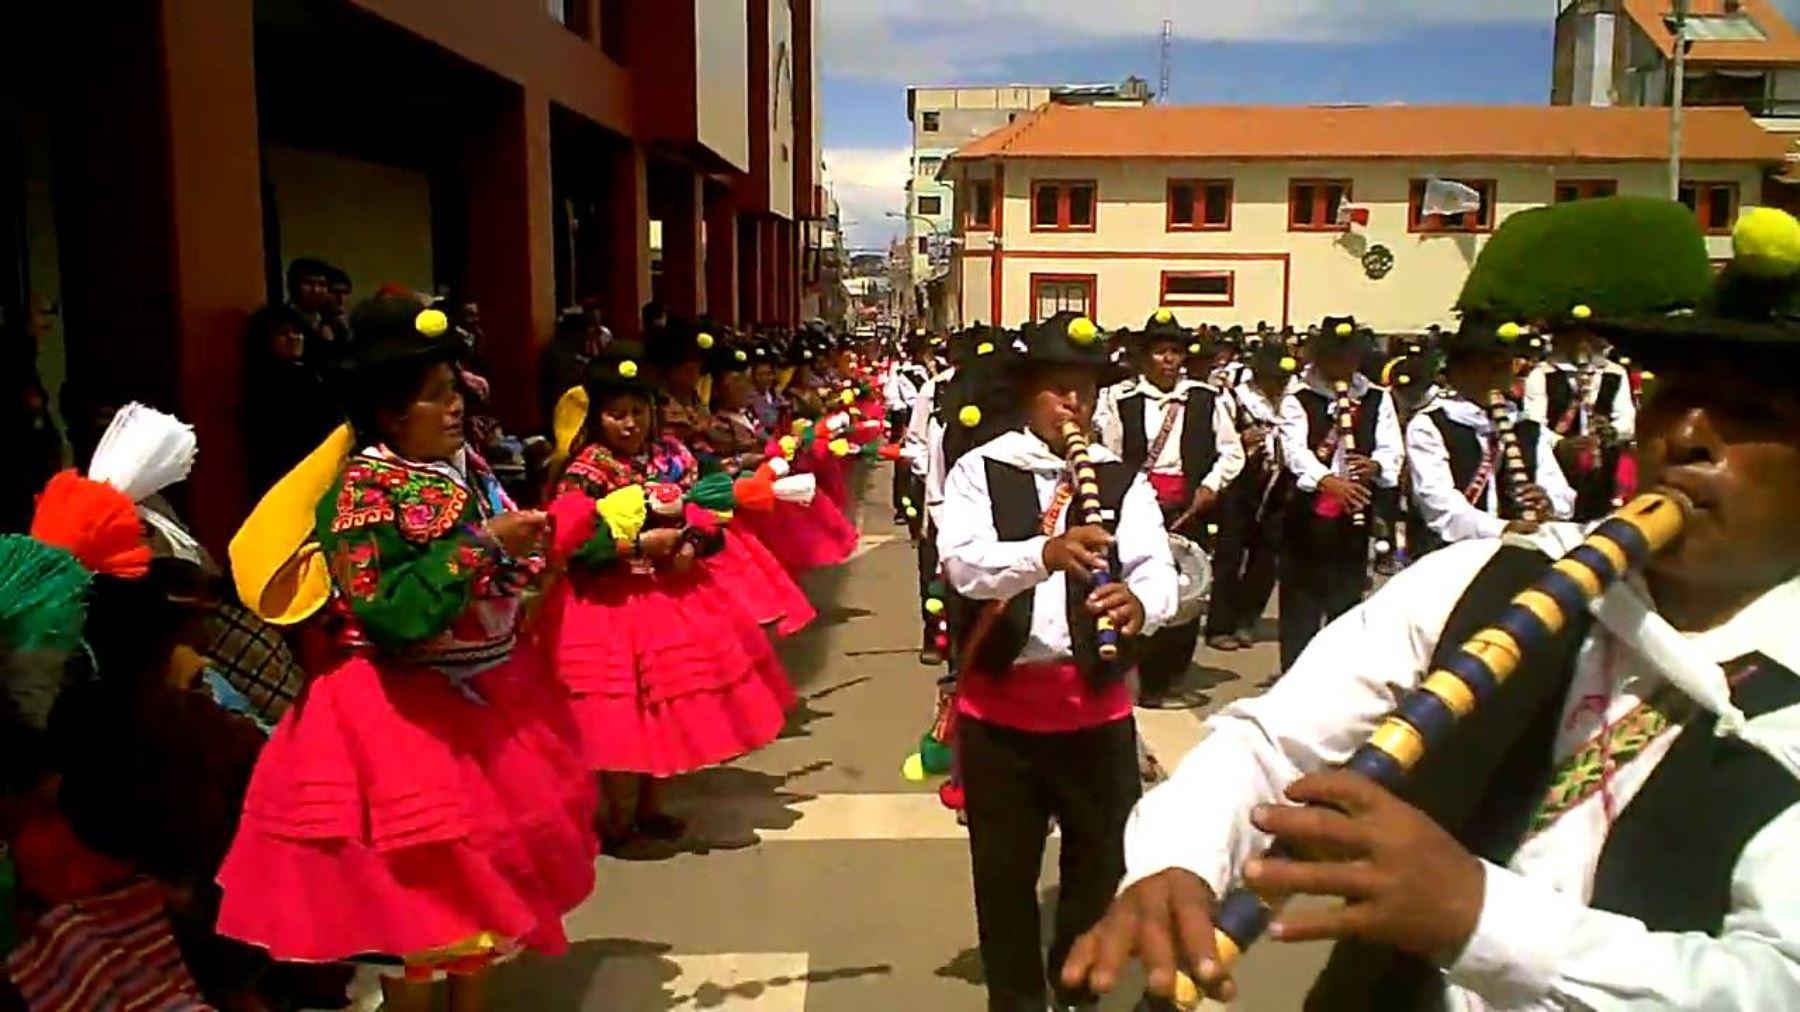 El Ministerio de Cultura declaró como Patrimonio Cultural de la Nación a la música y danza Los Chacareros, Lawa K'umus o Chacareros-Lawa K'umus que se practica en el distrito de Ácora y algunos pueblos del distrito de Platería, en la provincia y región Puno.